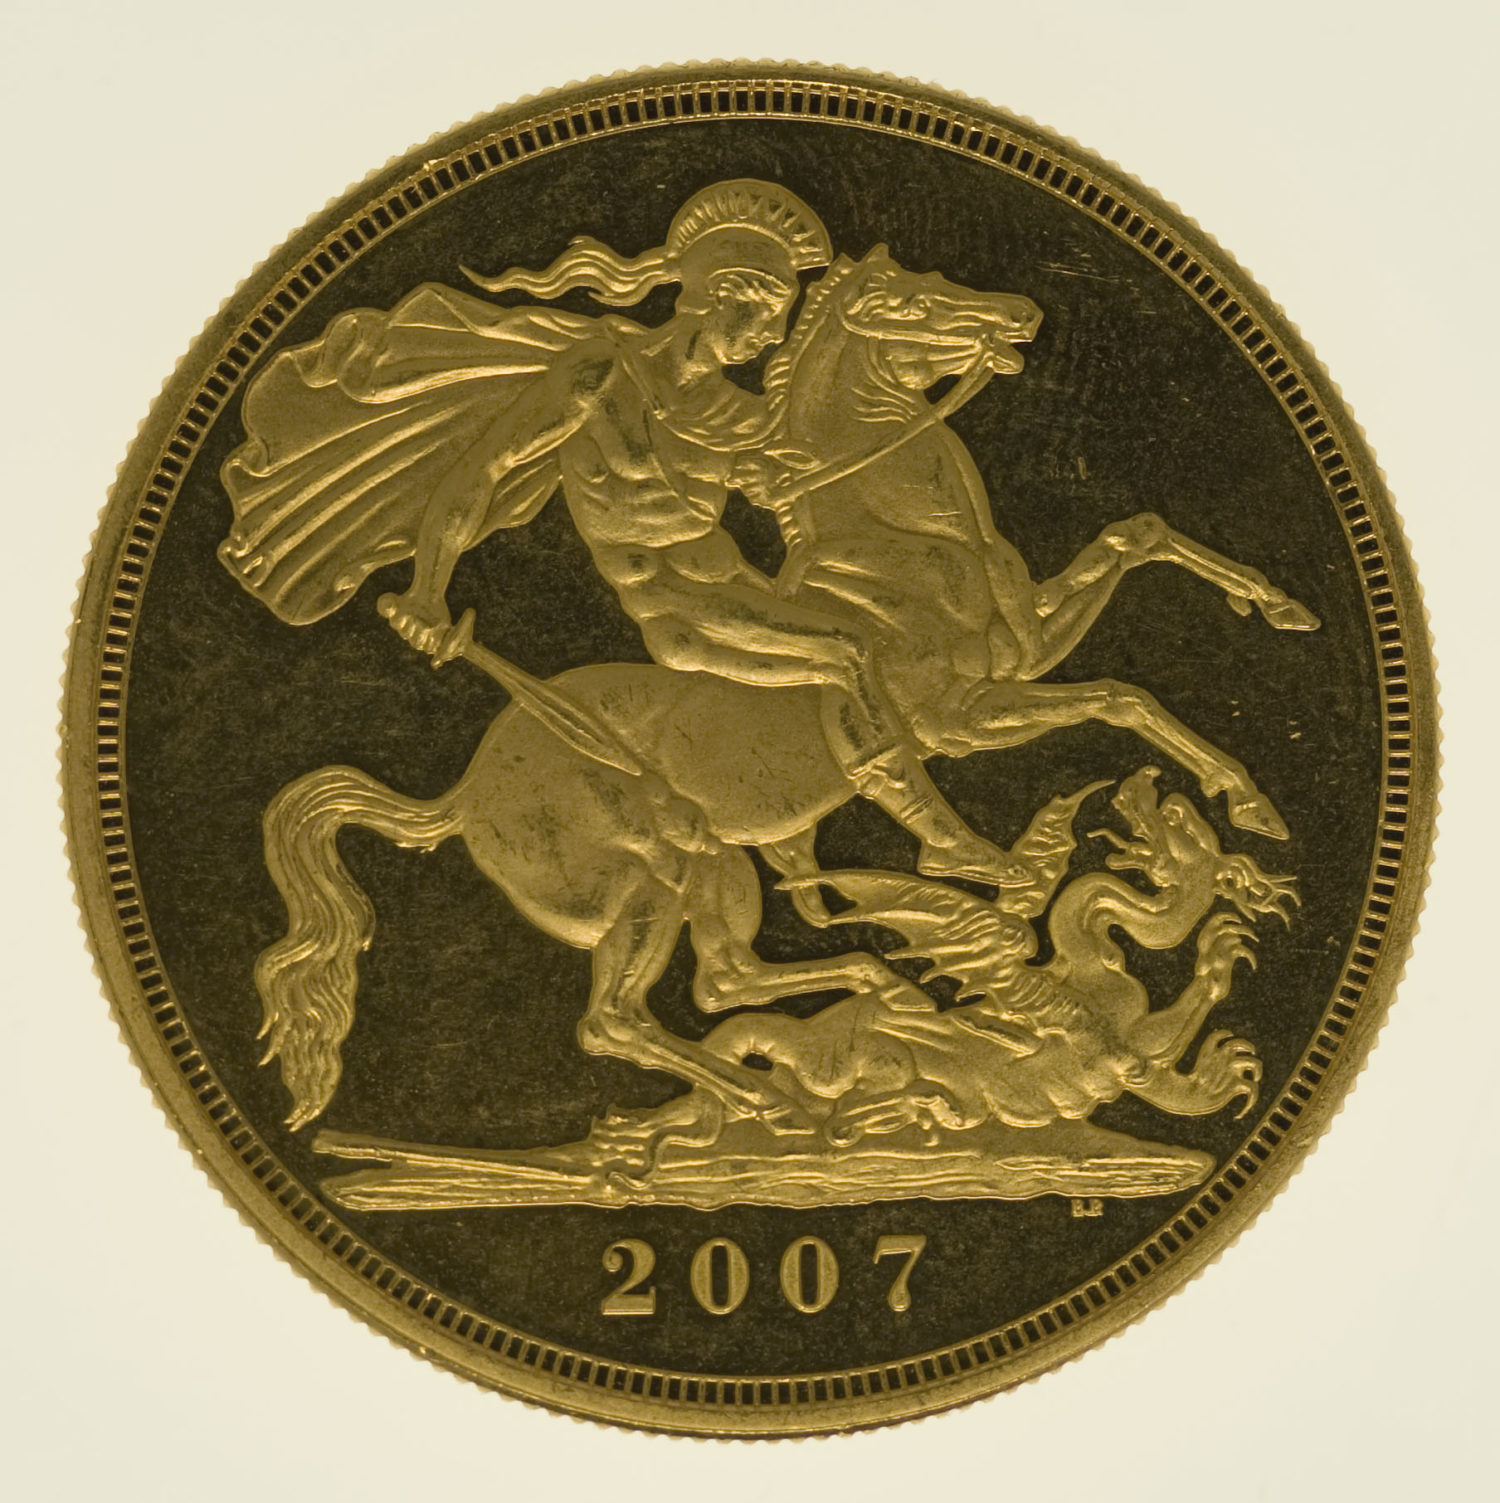 grossbritannien - Großbritannien Elisabeth II. 5 Pounds 2007